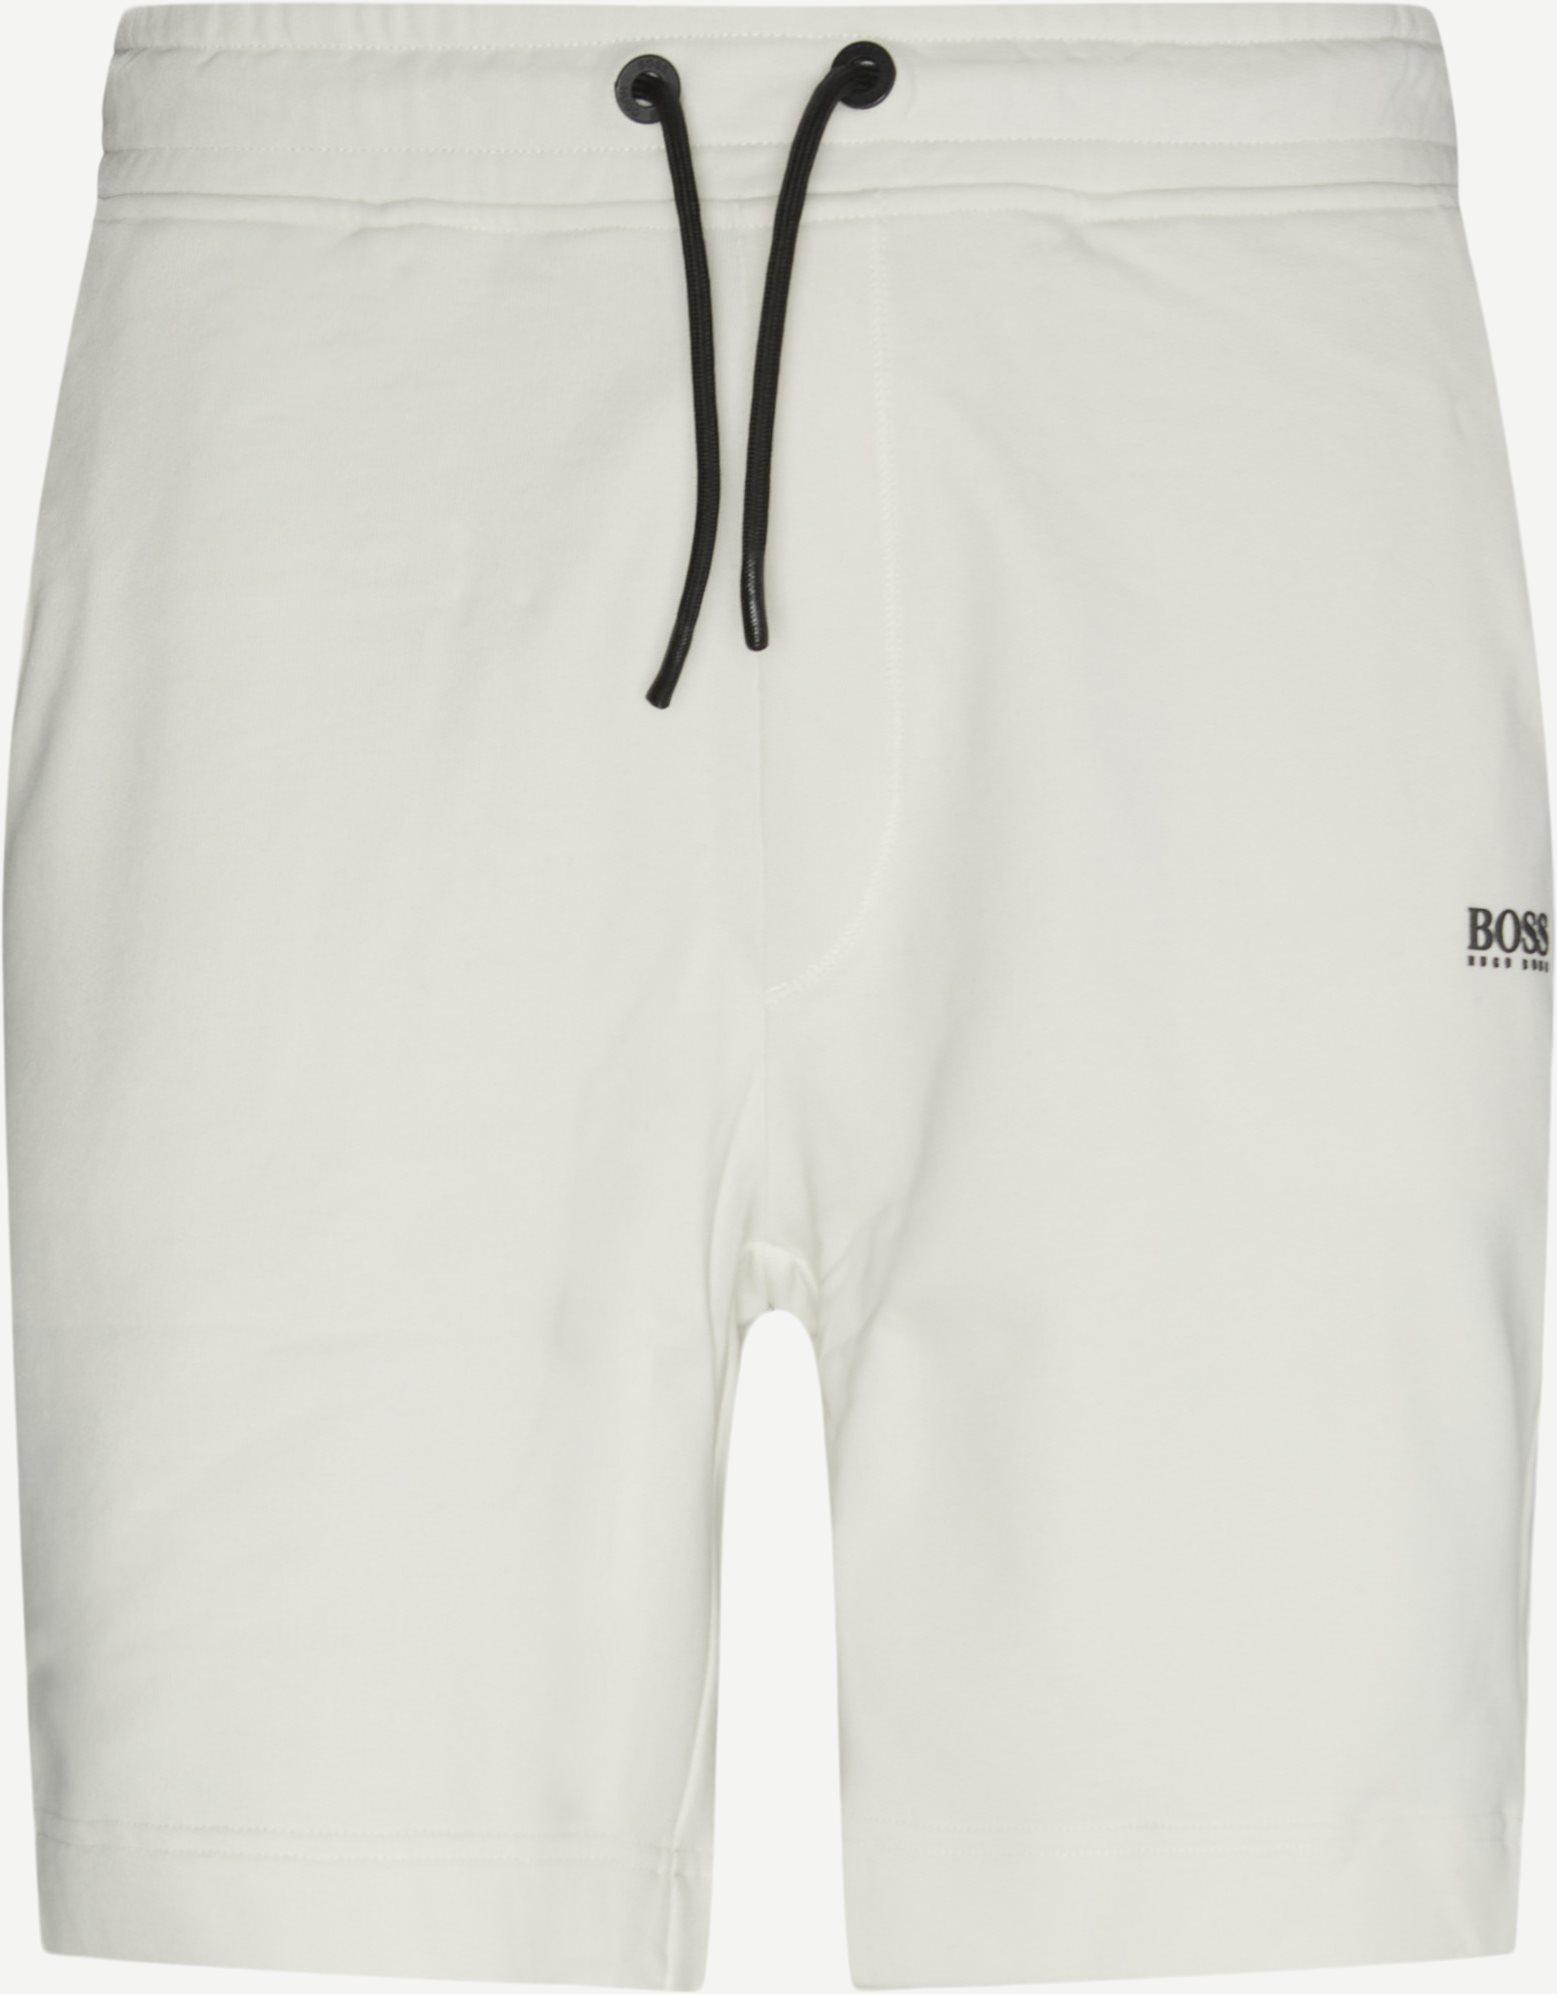 Shorts - Vit